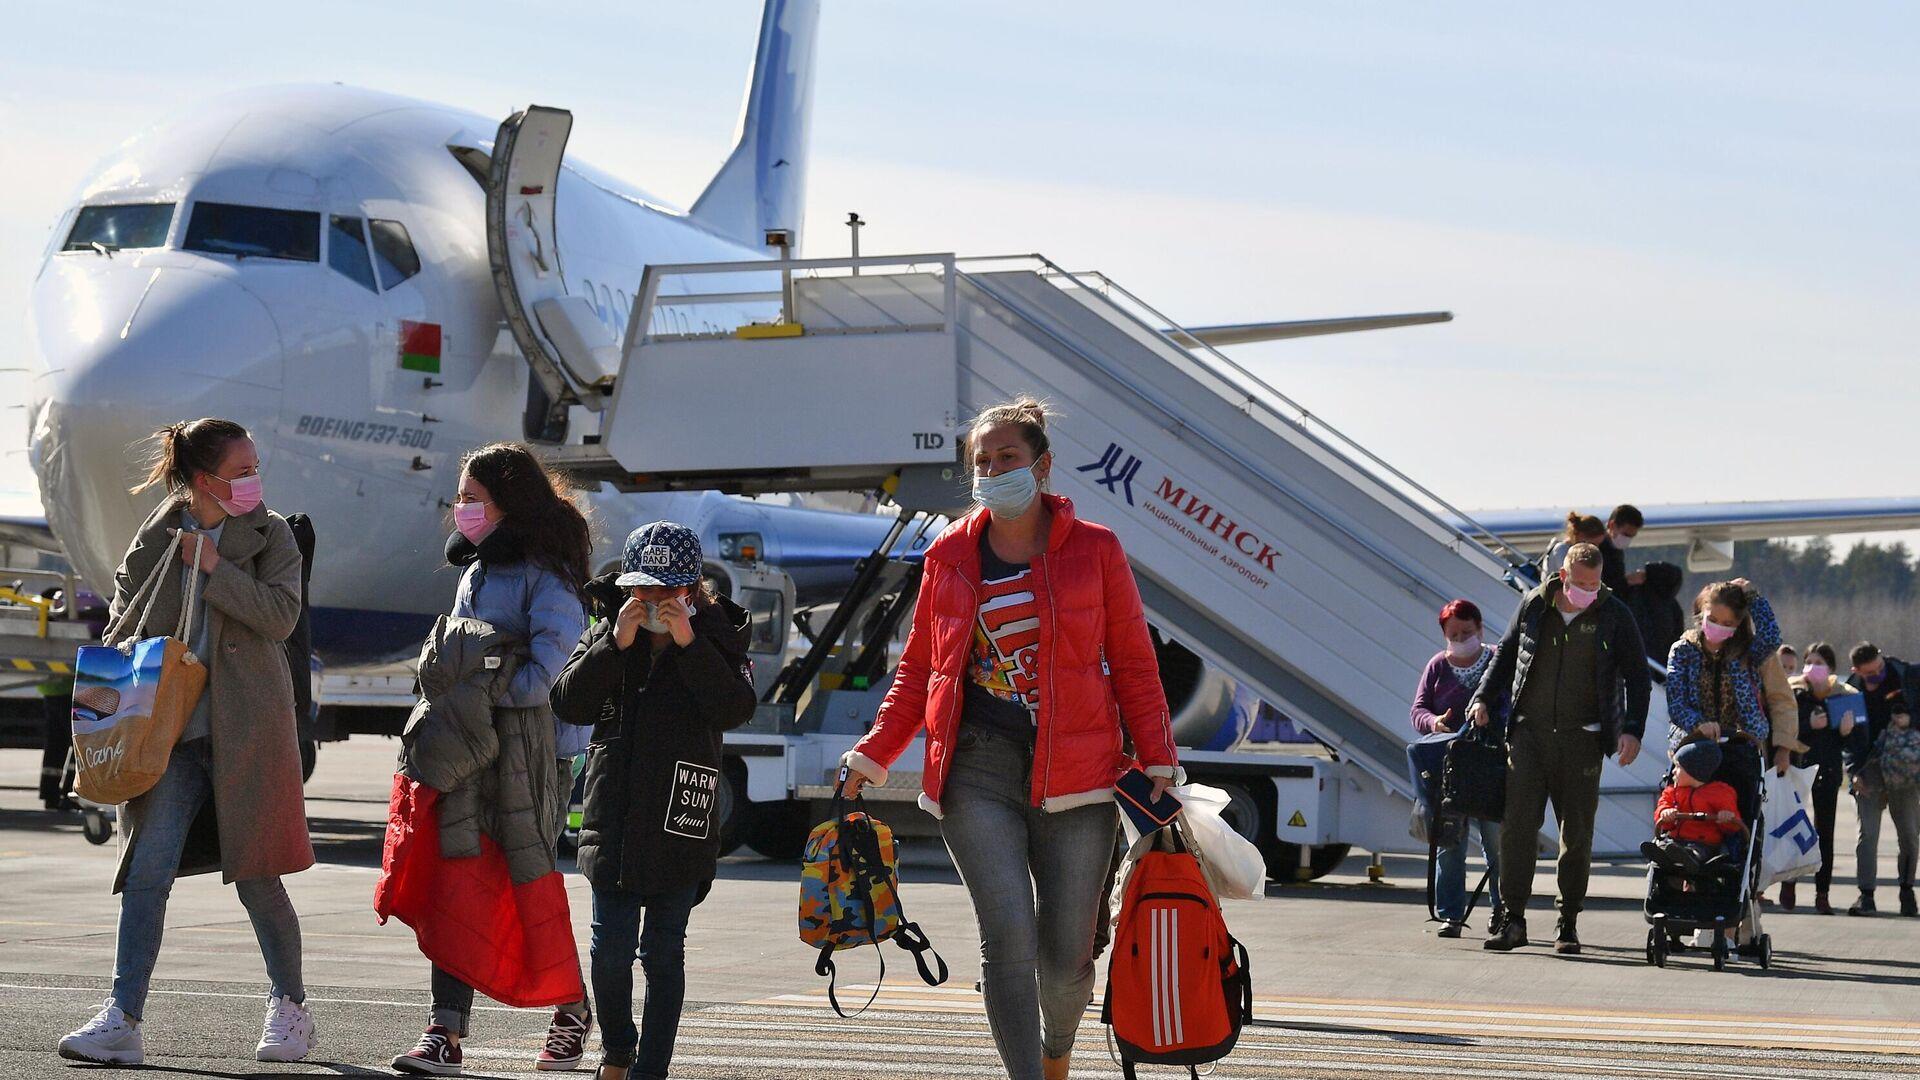 Пассажиры выходят из самолета авиакомпании BelAvia - РИА Новости, 1920, 25.05.2021